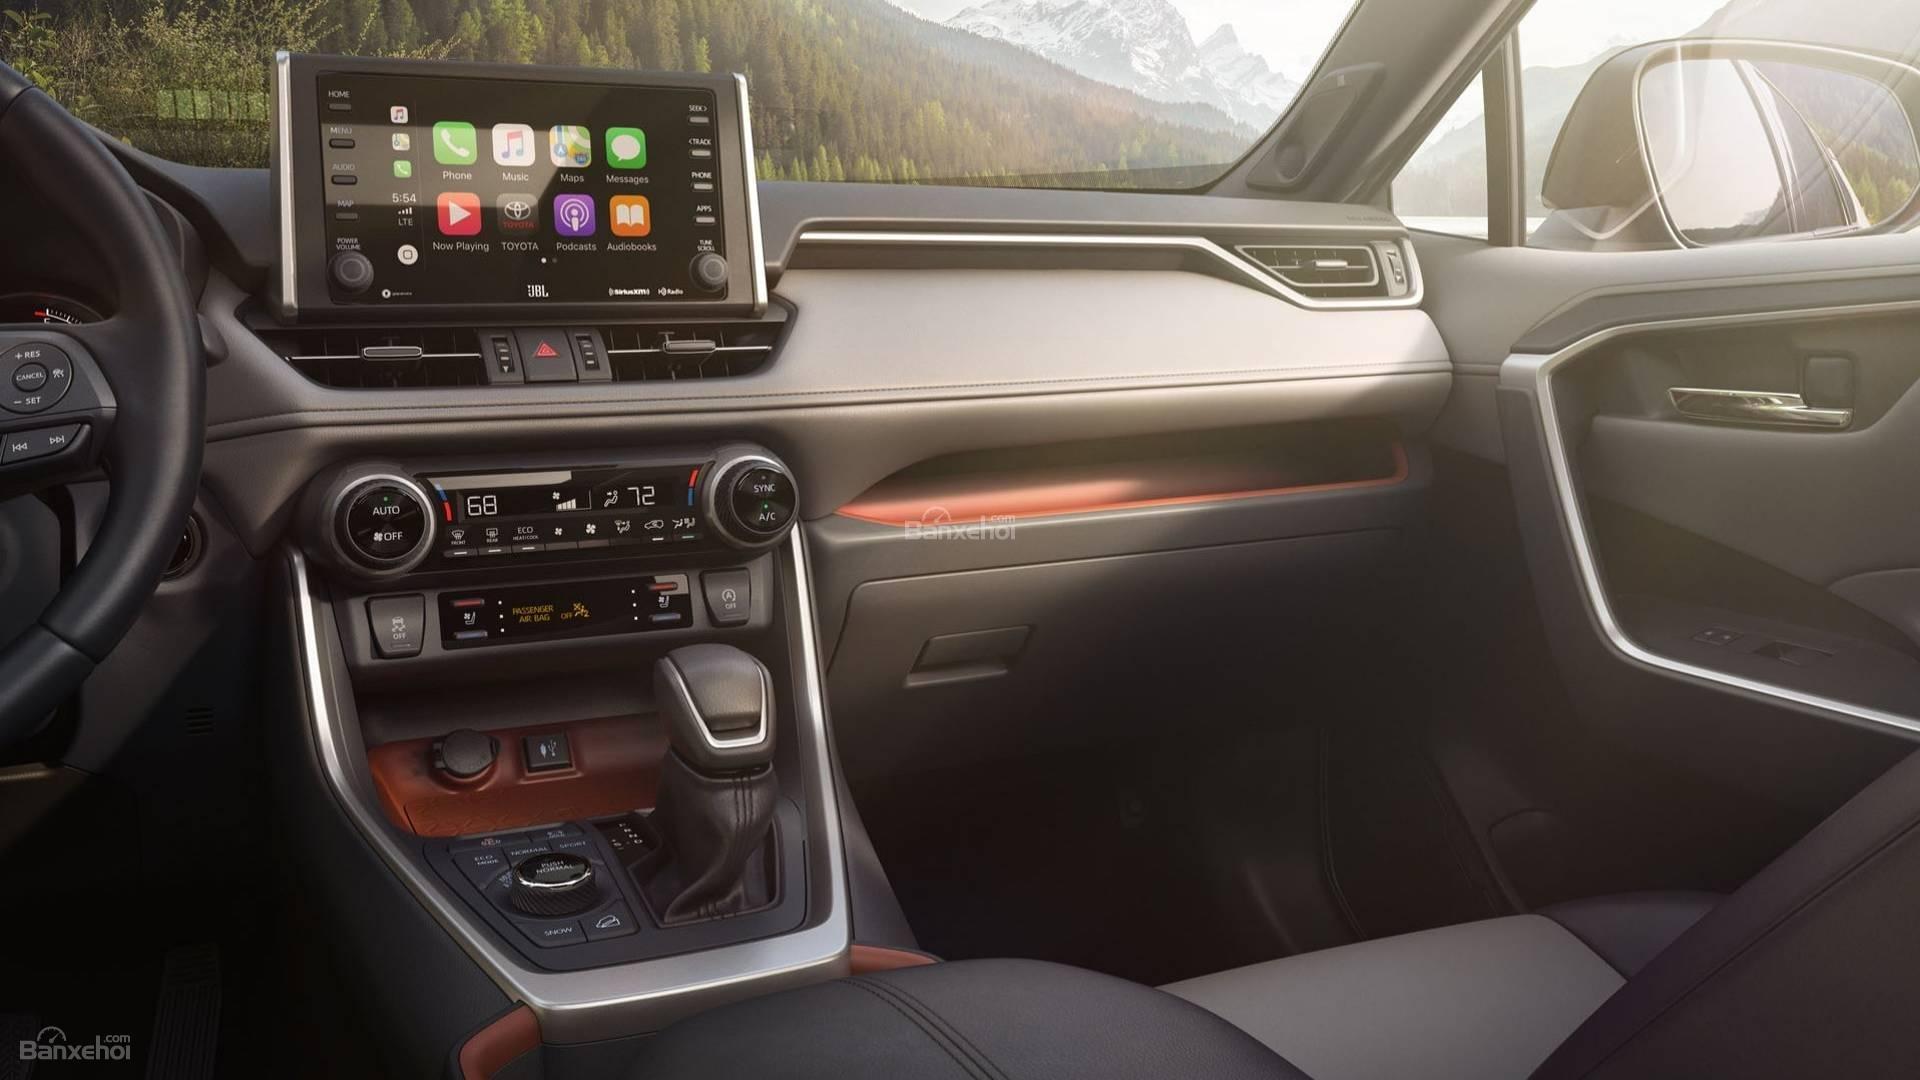 Đánh giá xe Toyota RAV4 2019 về trang bị tiện nghi: màn hình thông tin-giải trí 7 inch 2